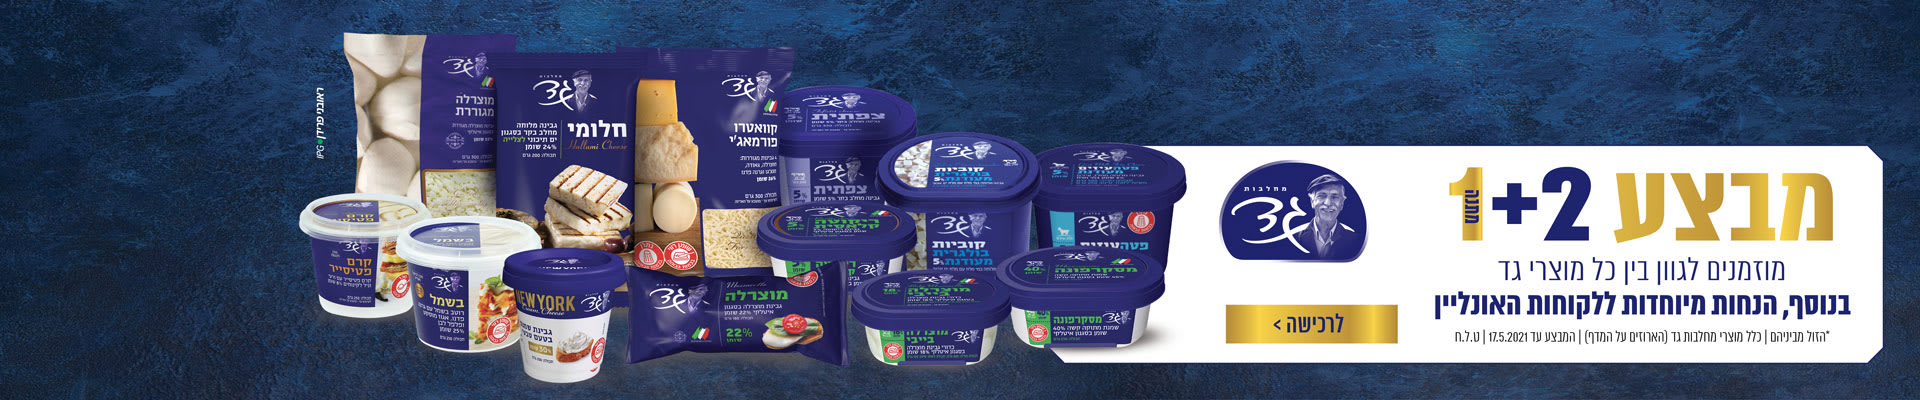 מחלבות גד 1+2 מתנה הנחות מיוחדות ללקוחות האונלין *הזול מבינהם כולל מוצרי מחלבות גד {הארוזים על המדף} המבצע עד 17.5.2021 ט.ל.ח לרכישה